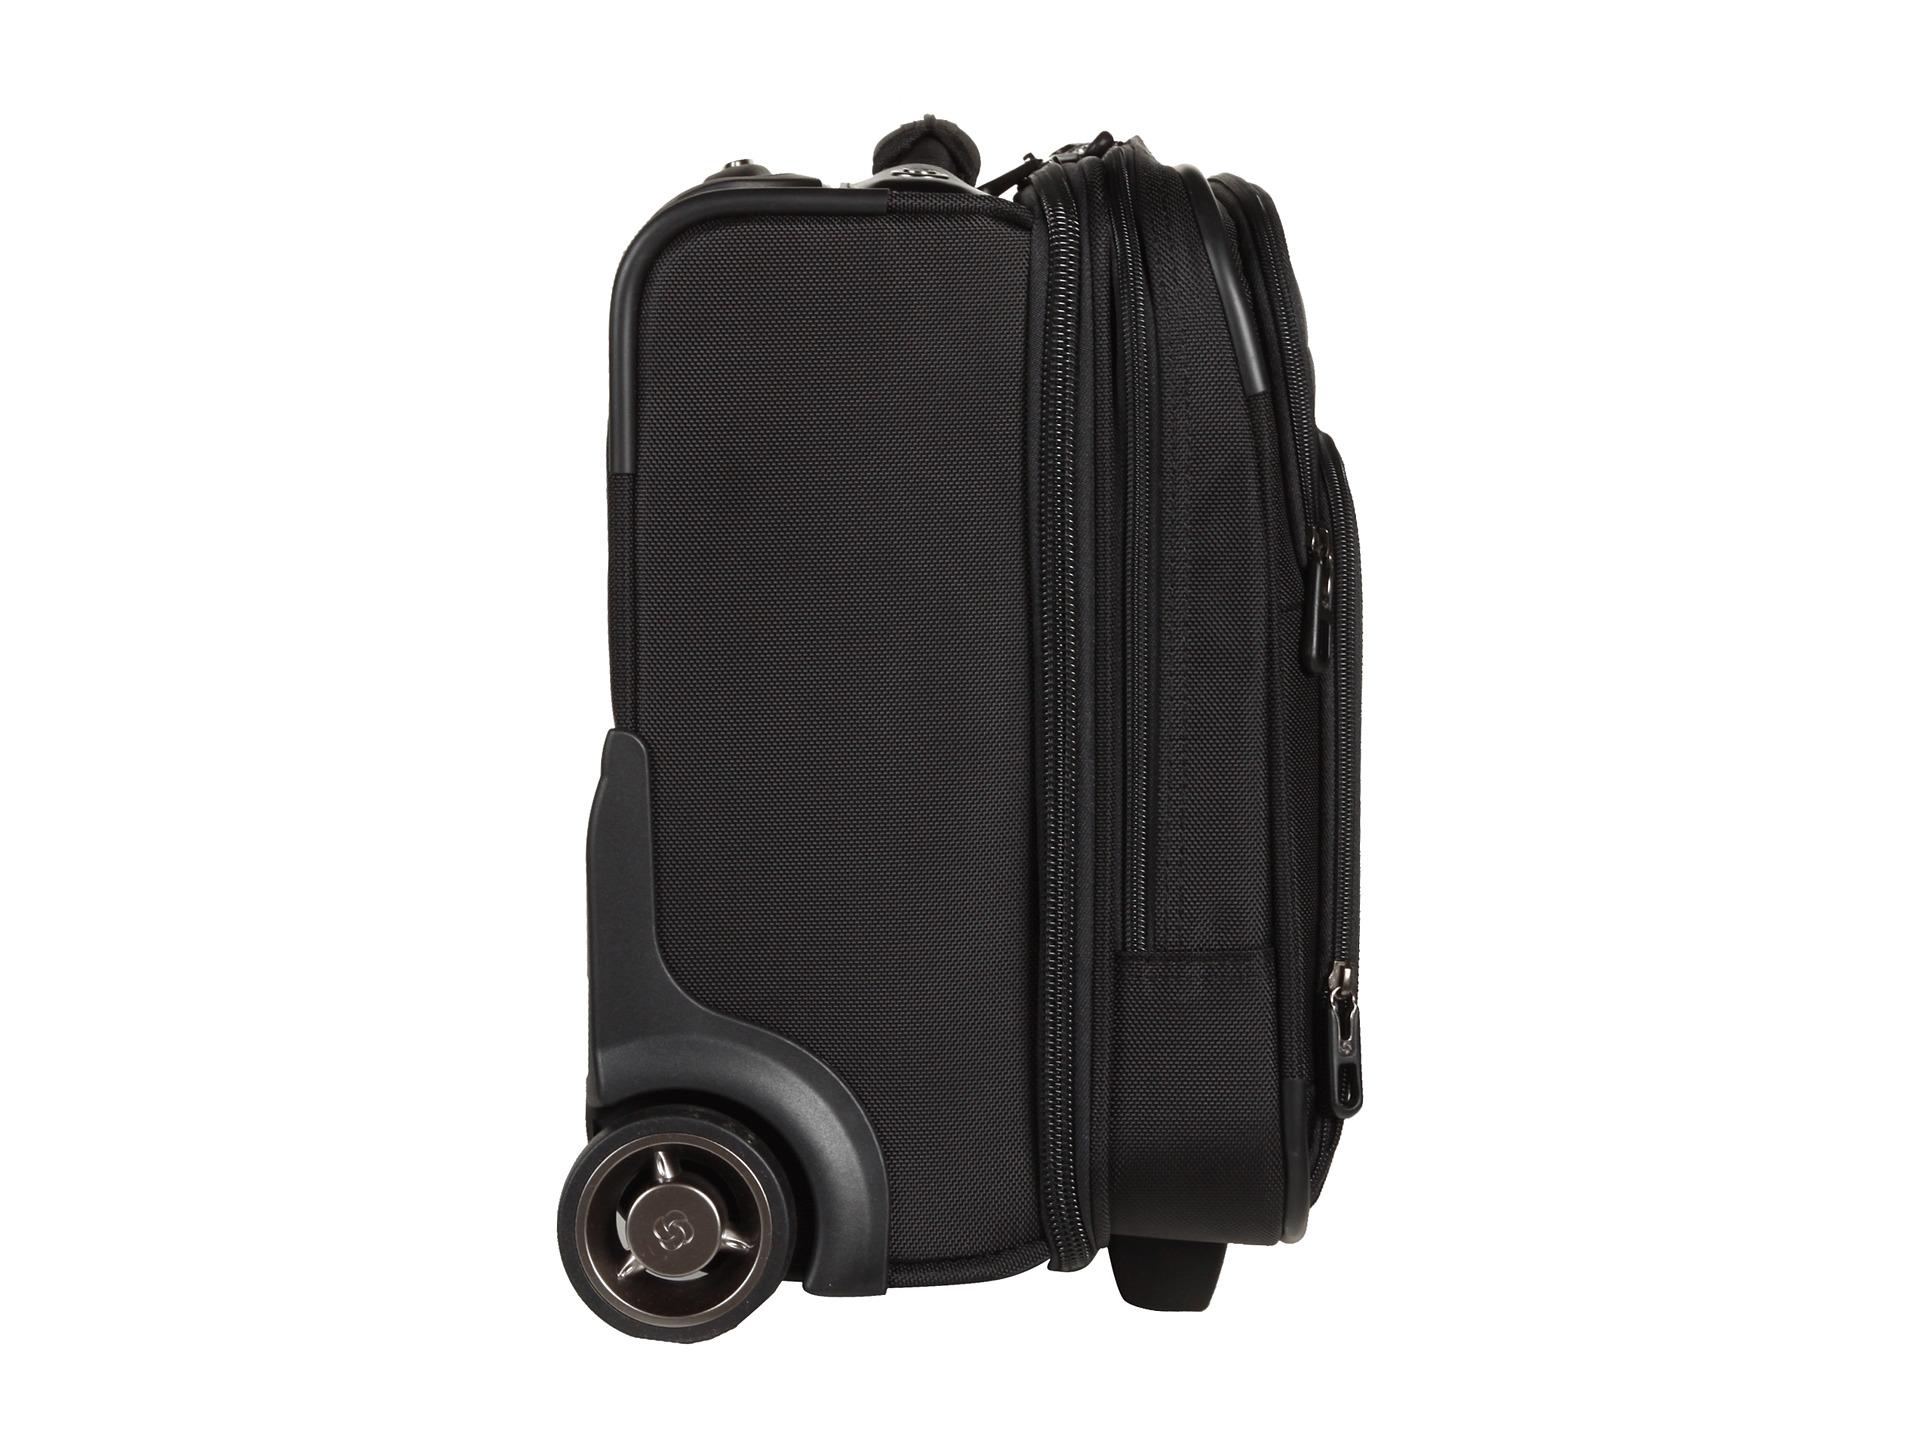 522df1fe09 Samsonite Dkx 2 0 Wheeled Boarding Bag on PopScreen